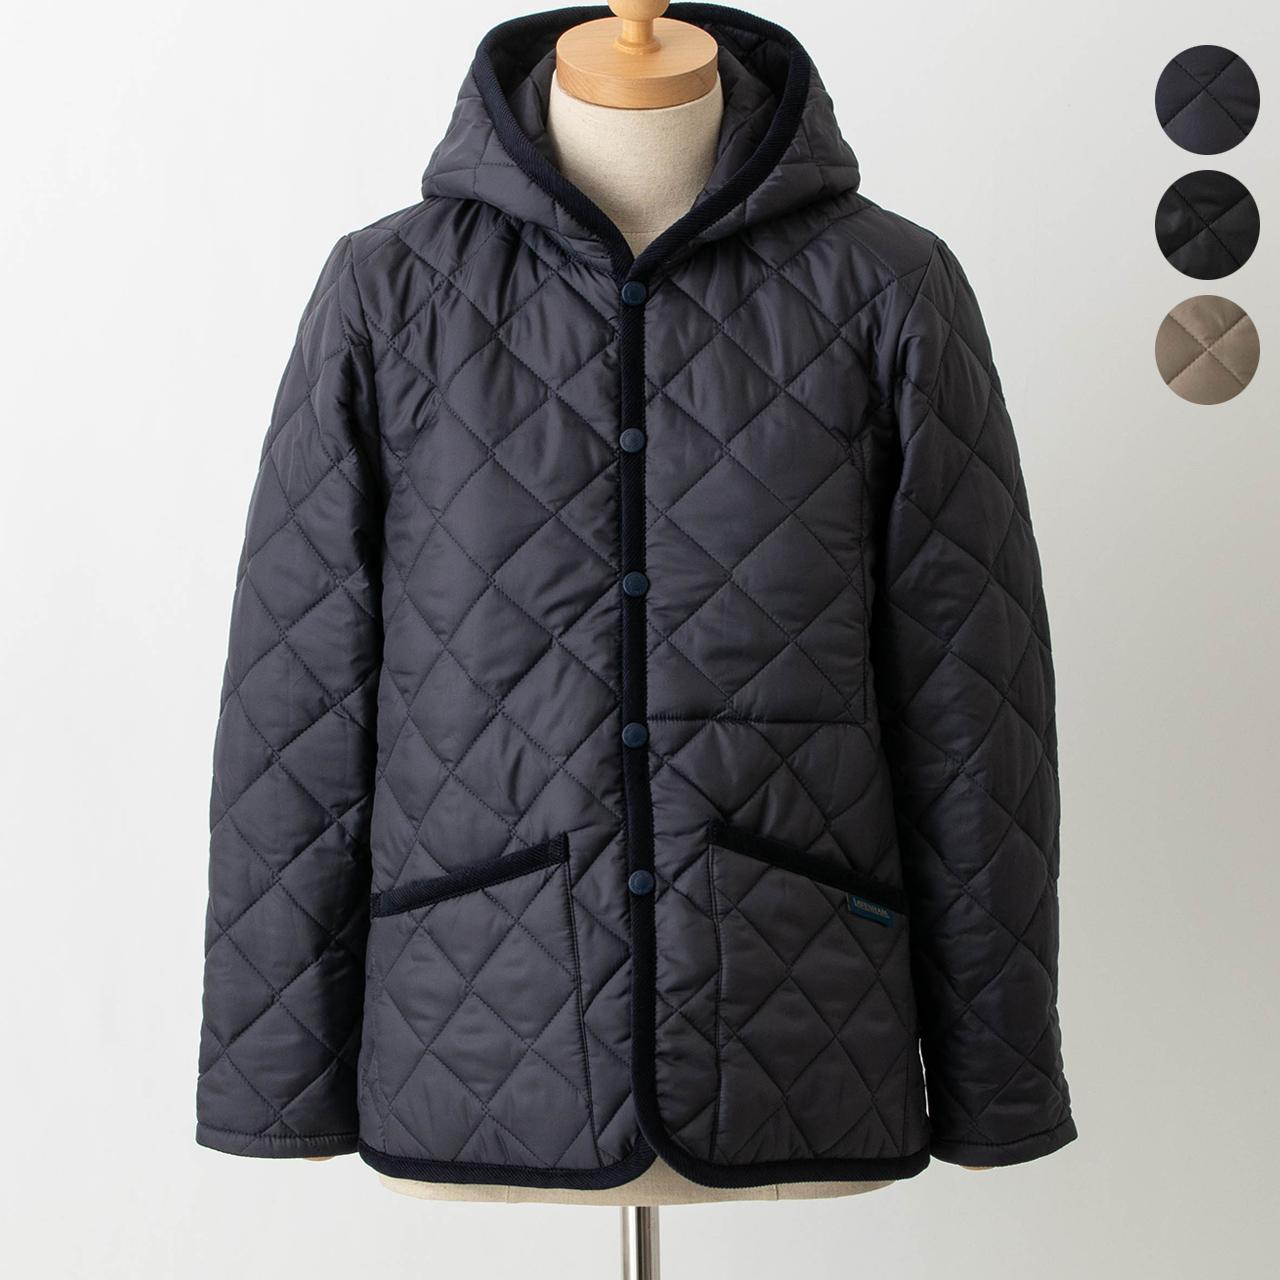 カジュアルに着れるキルティングコート!秋冬に大活躍間違いなしなものは?